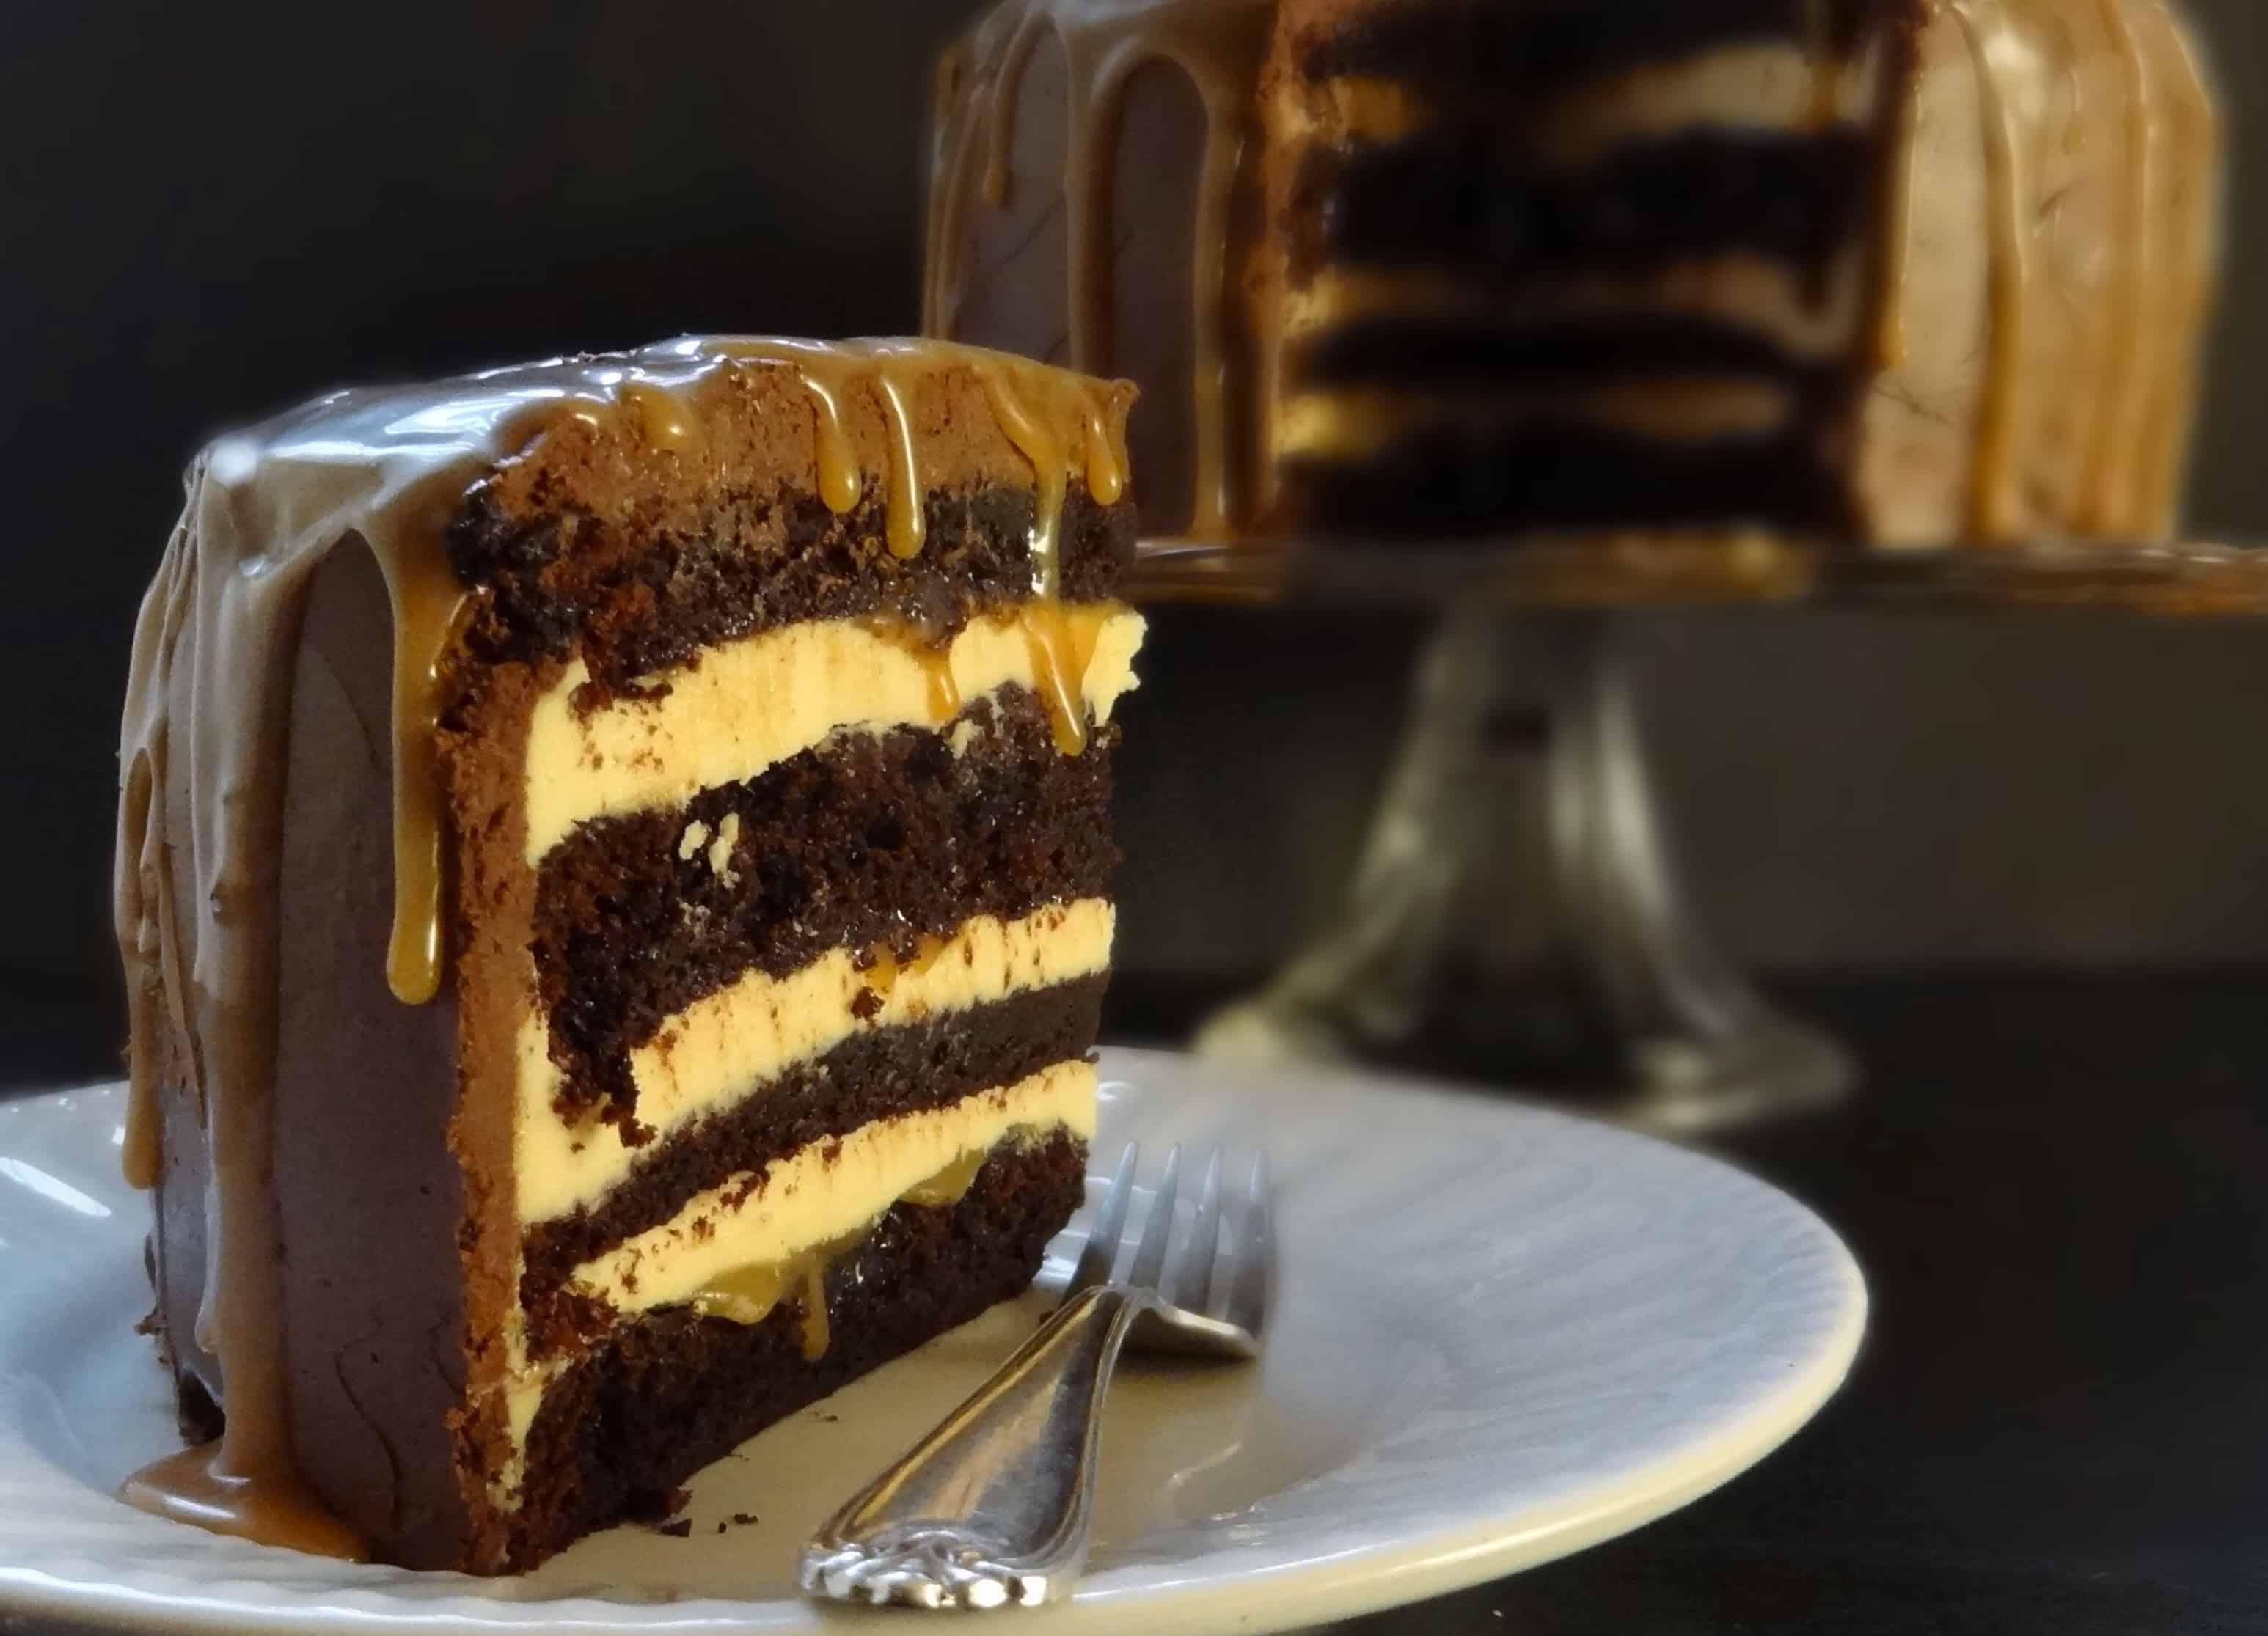 Chocolate Cake Not Too Sweet